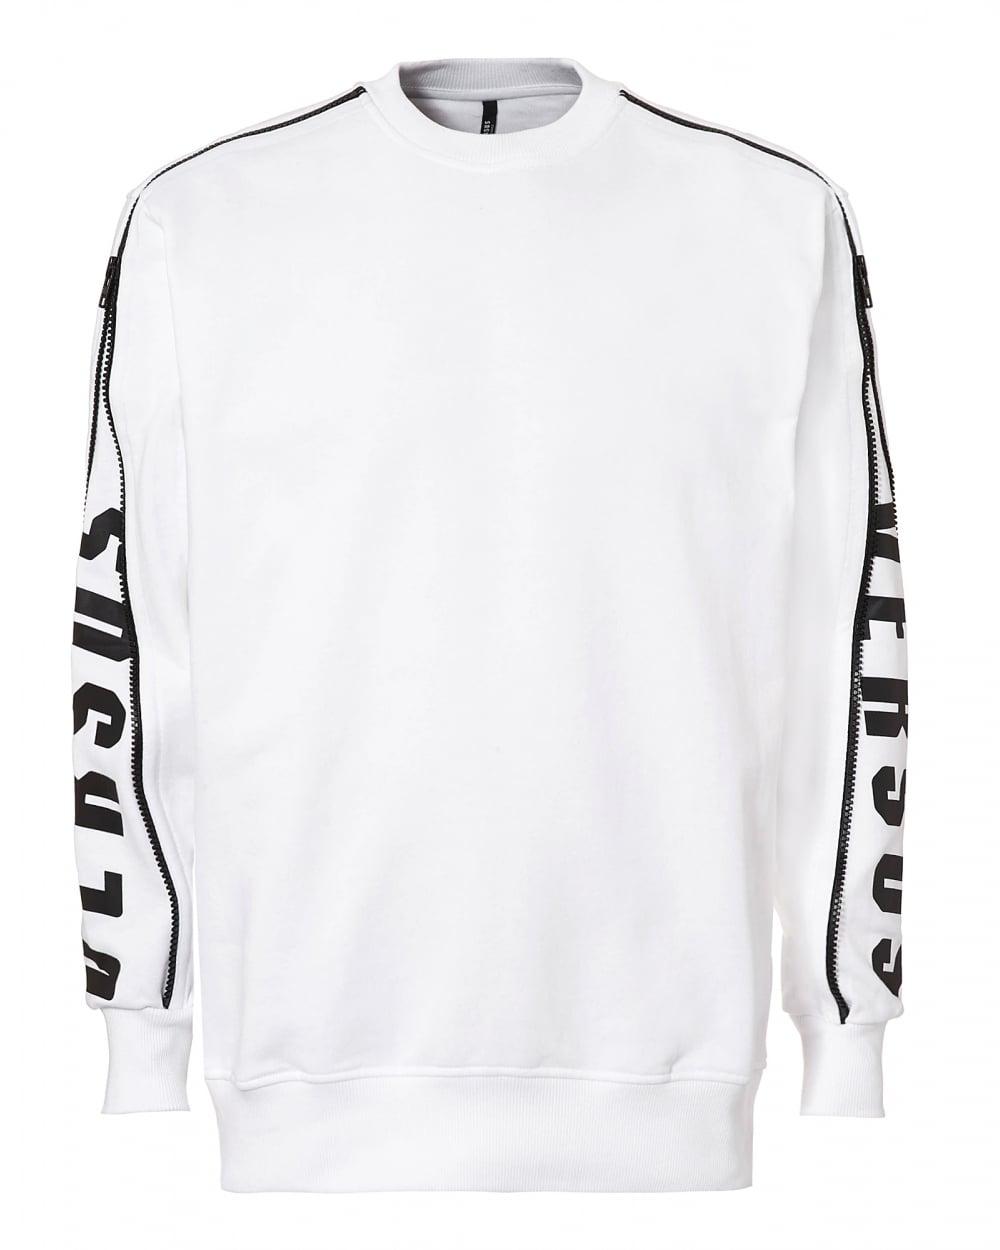 Versus Versace Mens Arm Zip Sweatshirt 2a9fdbba364d